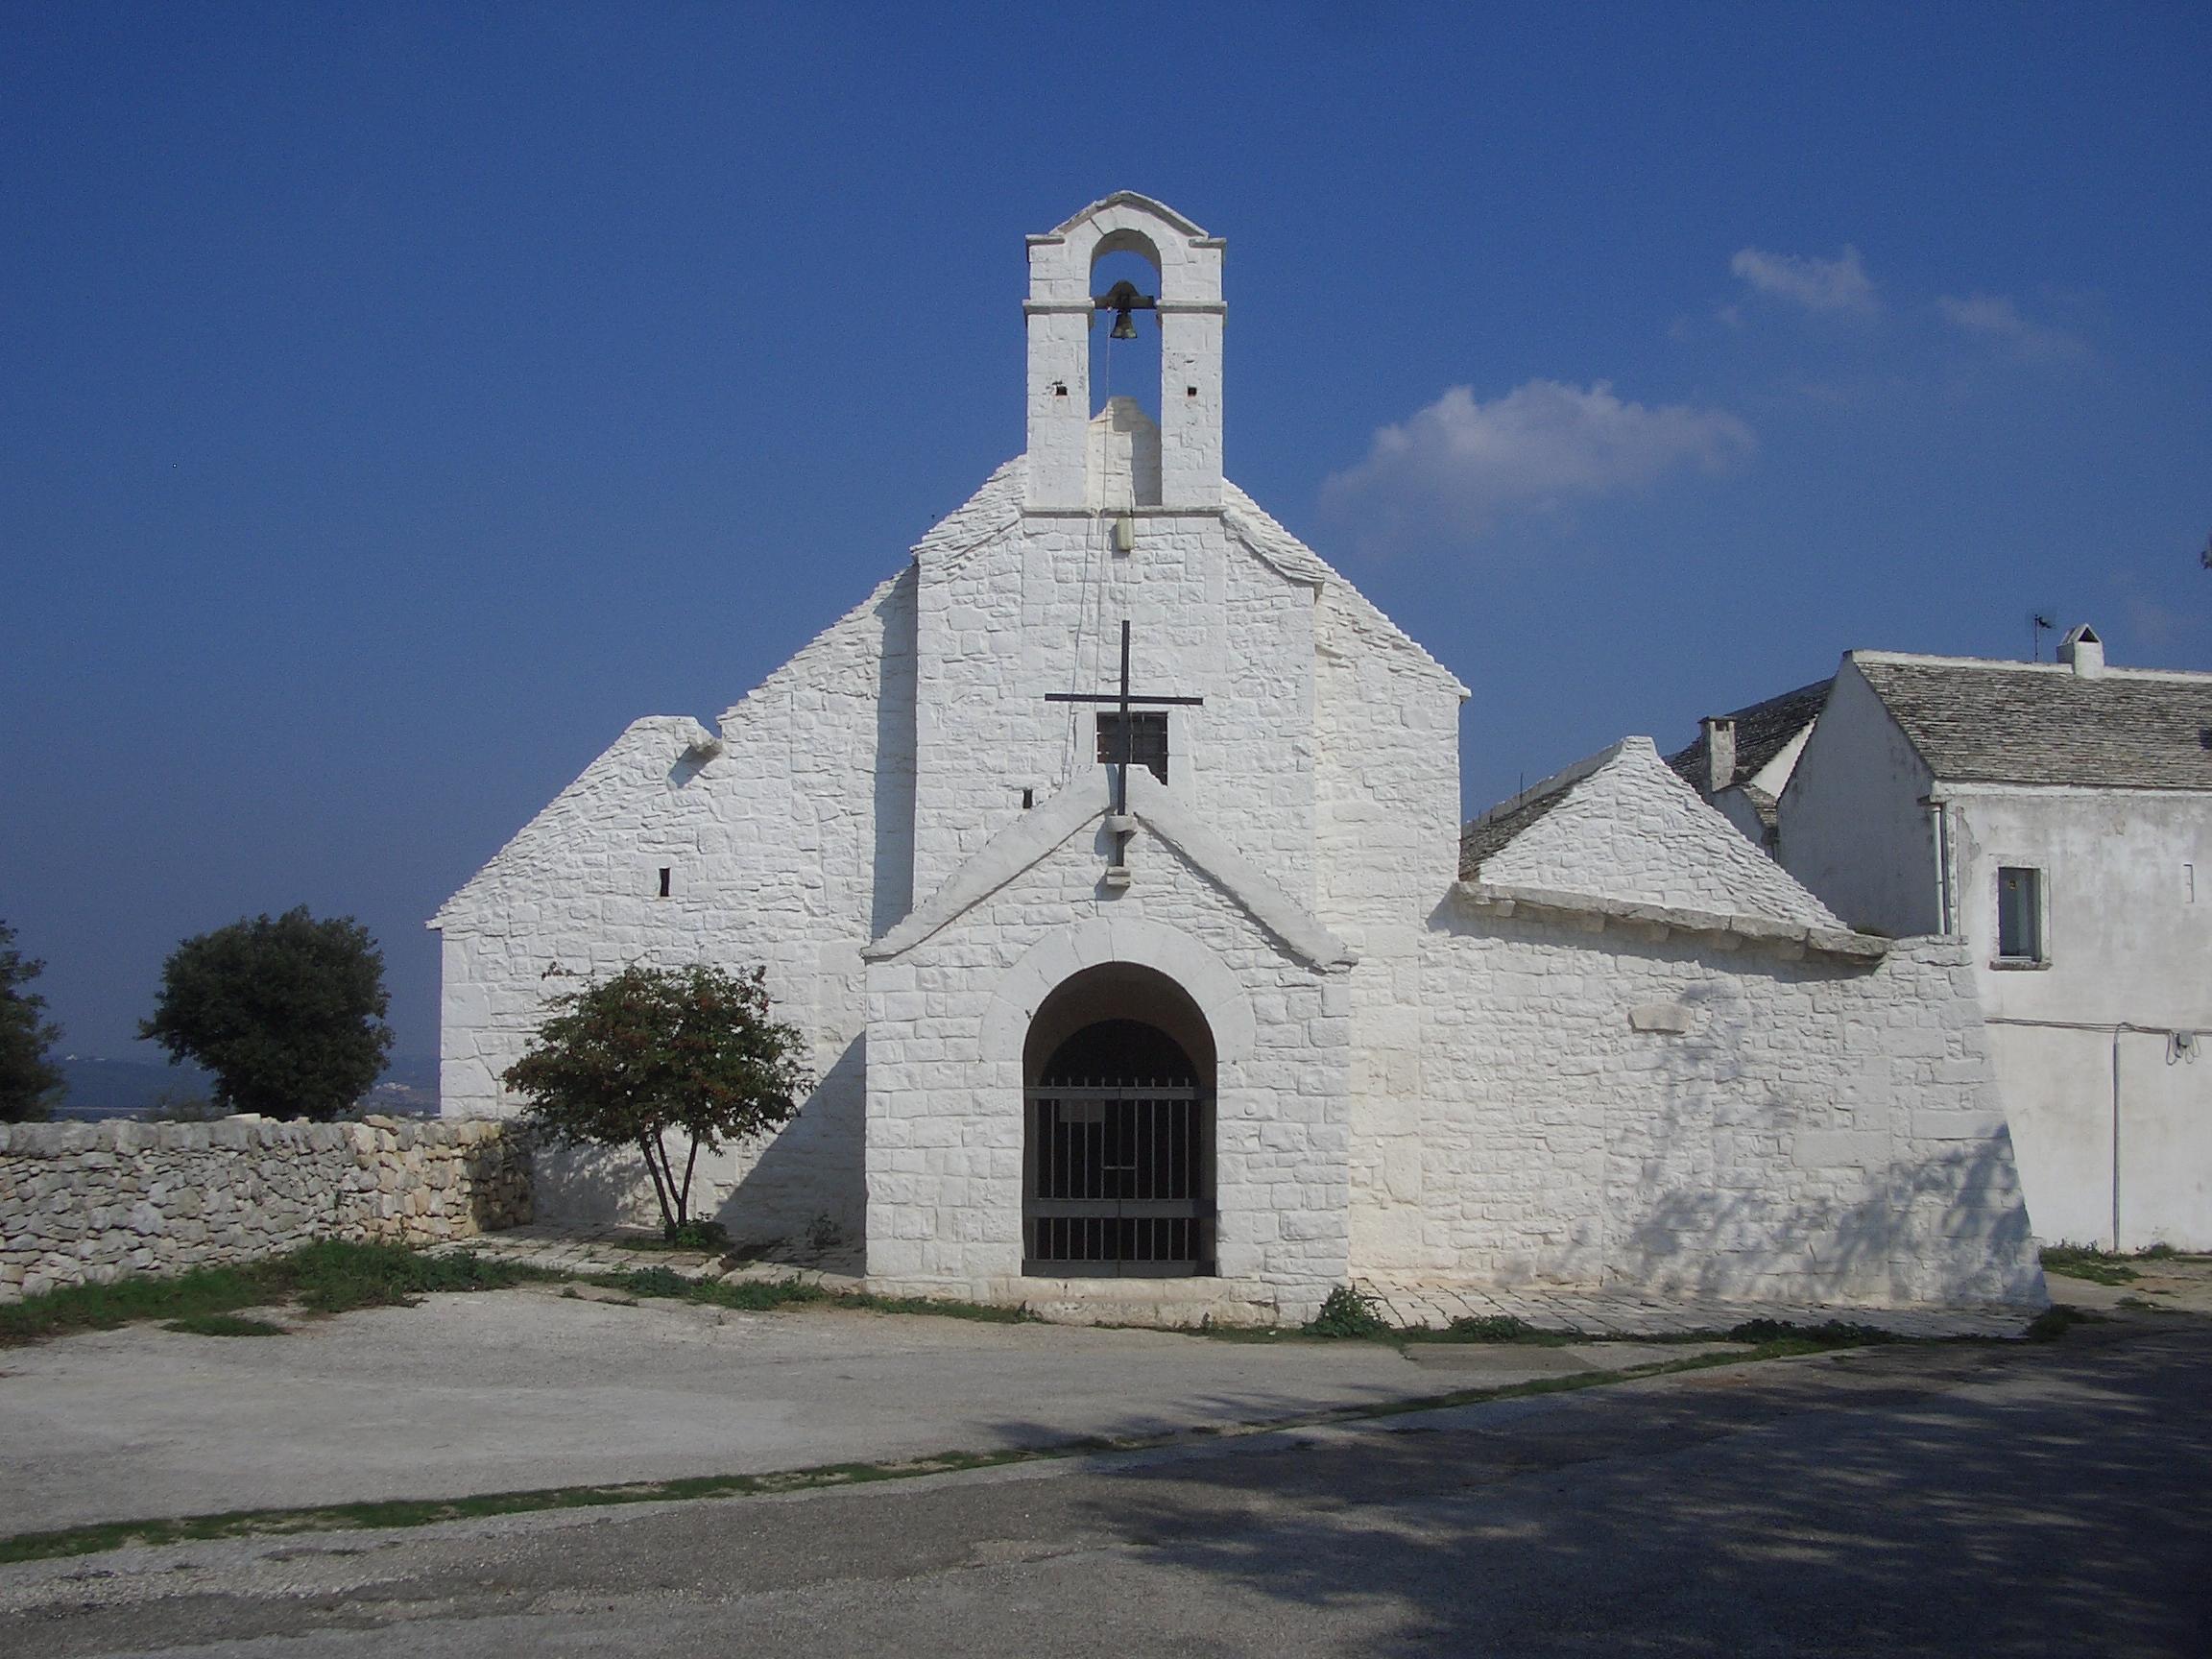 Chiesa di Barsento presso il luogo dove sorgeva l antico casale di Barsento di fondazione anteriore a quella di Noci e secondo alcuni studiosi in origine